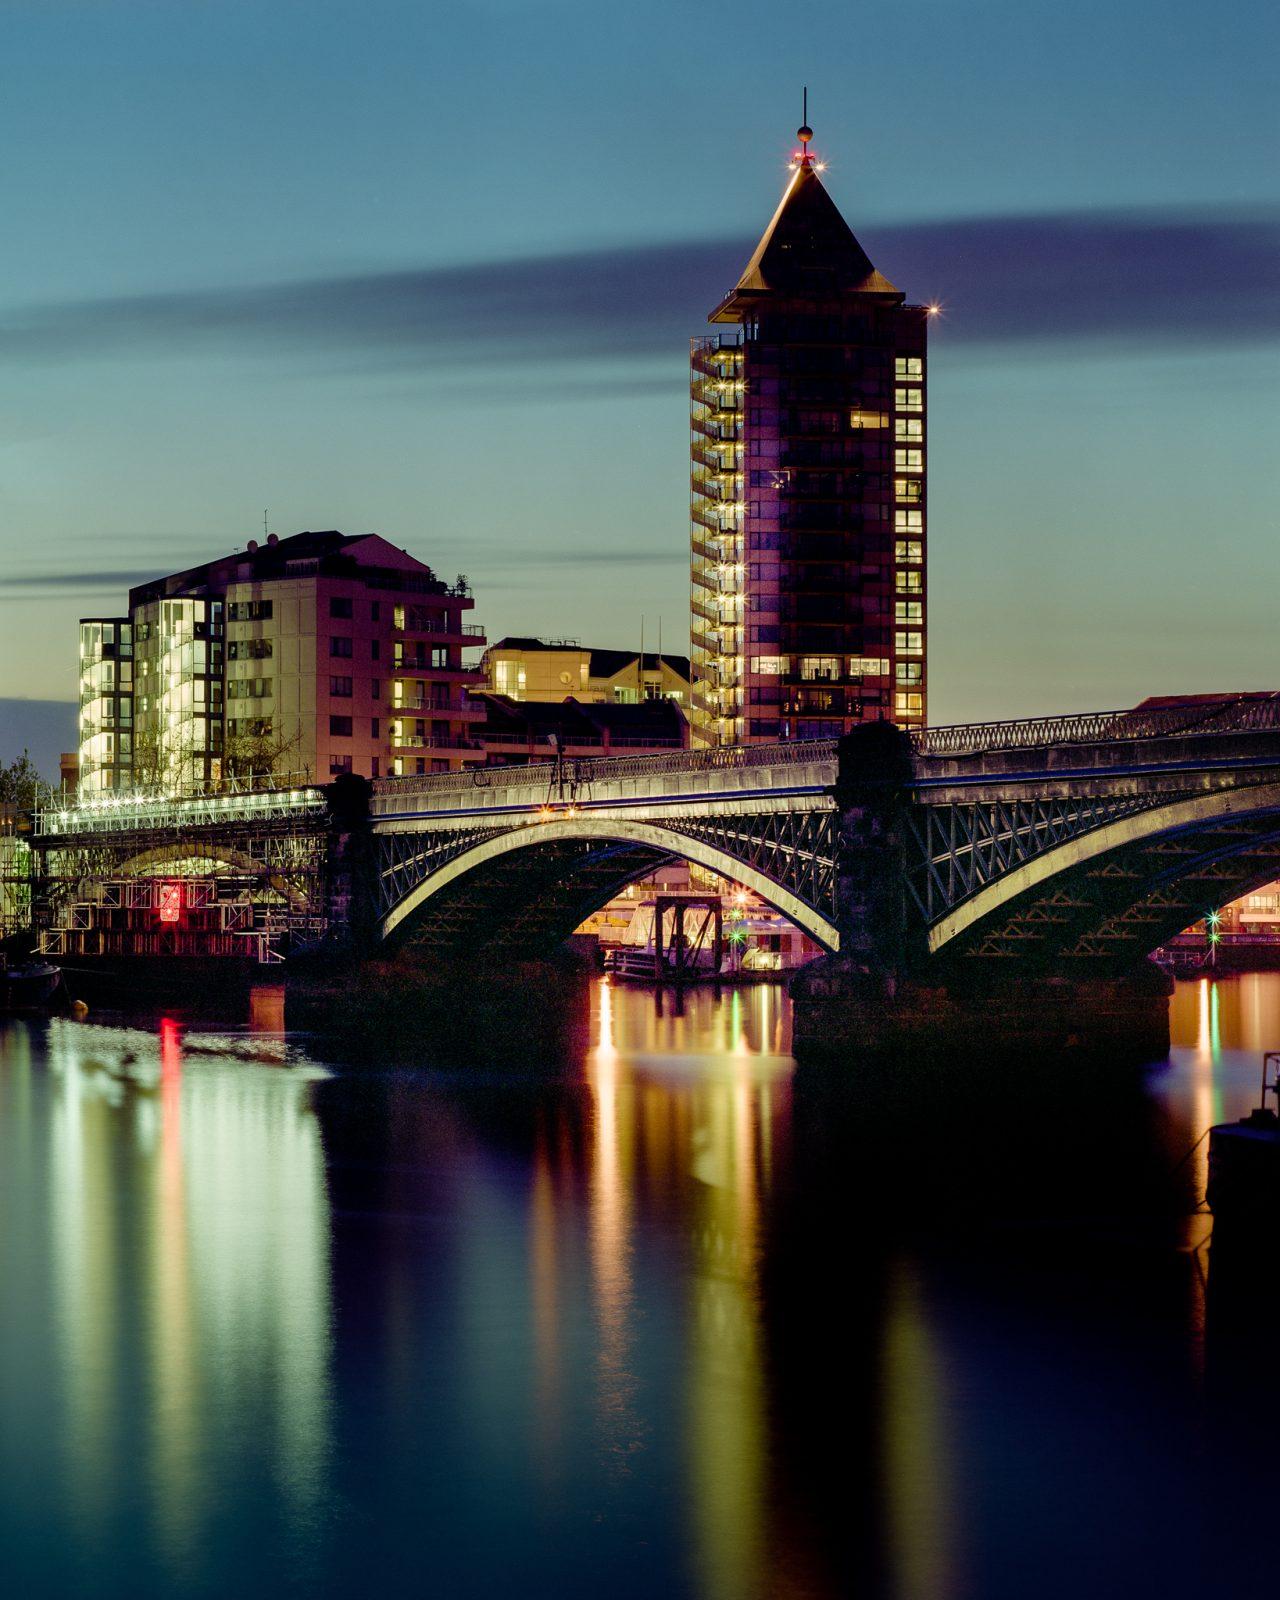 Battersea Railway Bridge & The Belvedere Tower